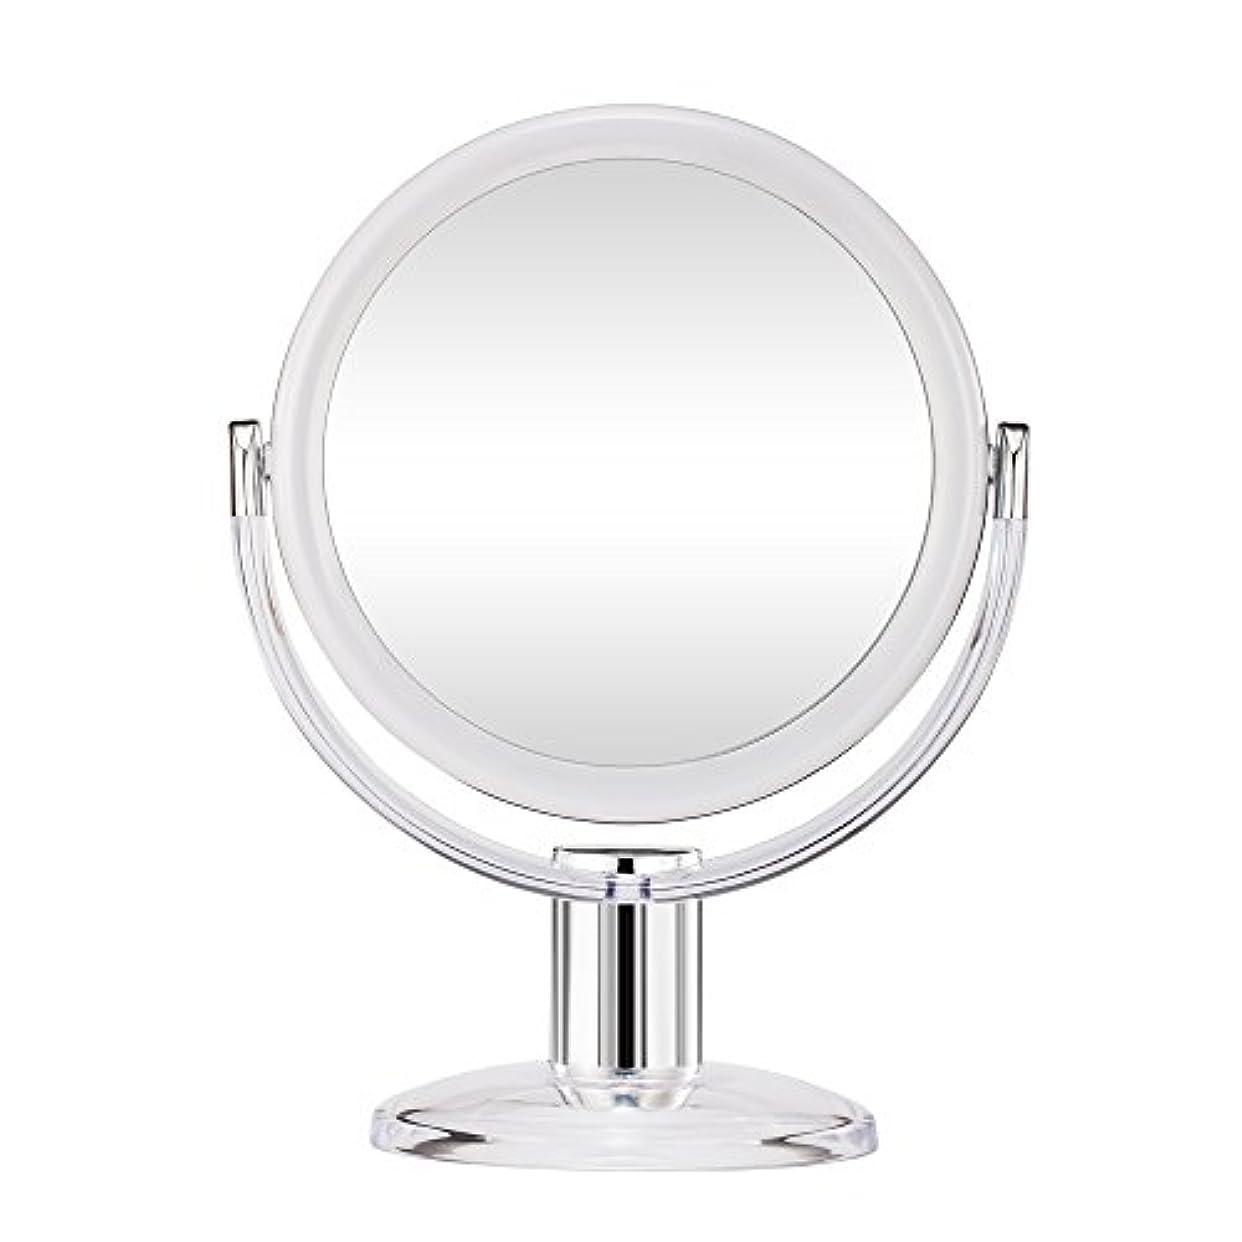 熱狂的なアルカトラズ島祈りGotofine スタンドミラー 卓上鏡 両面鏡 10倍と等倍 透明 アクリル樹脂 おしゃれ 円型